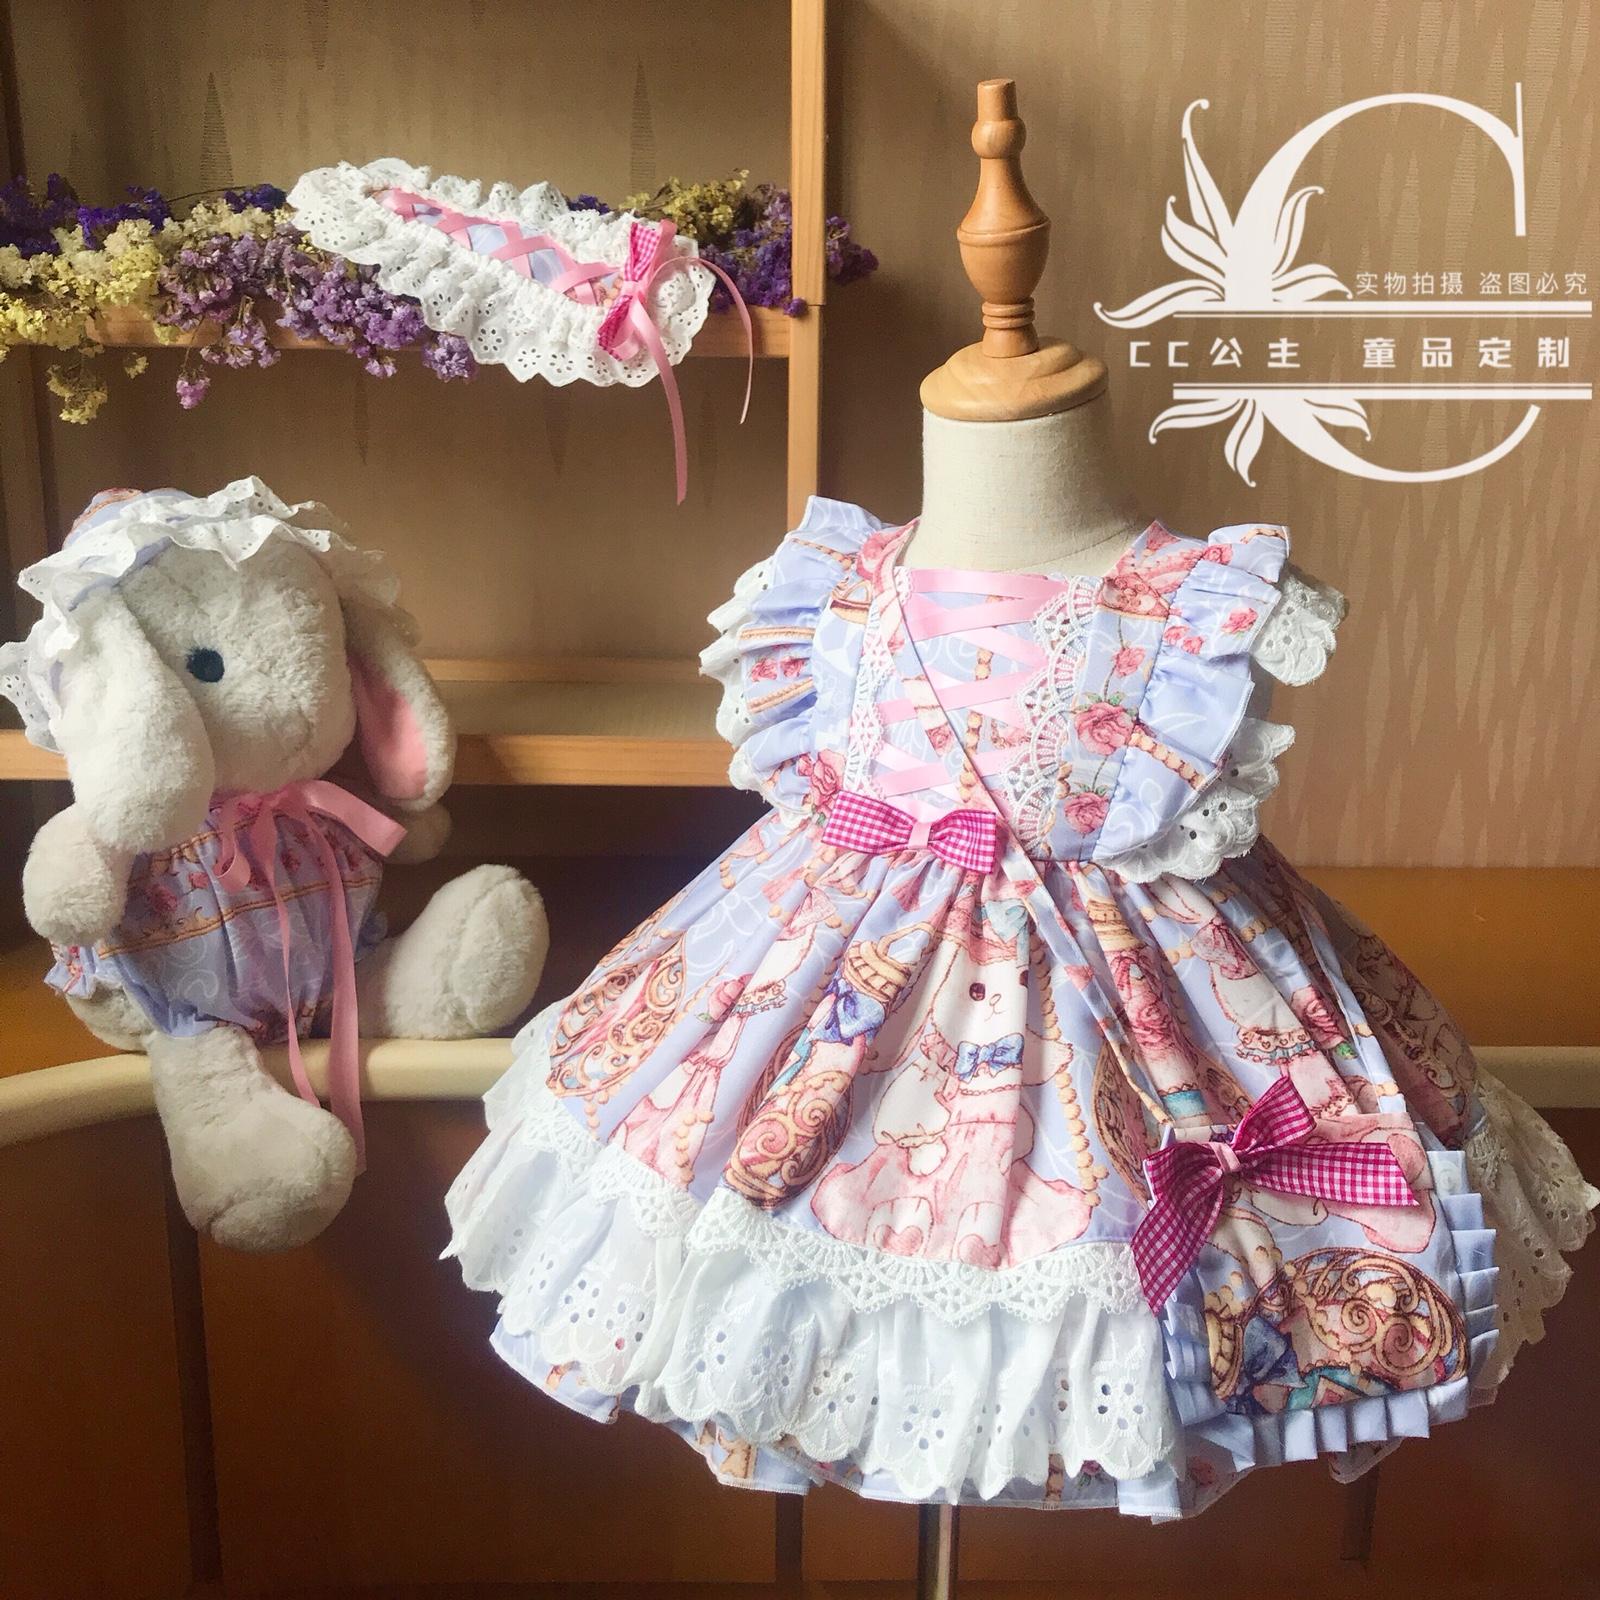 儿童洛丽塔洋装女童西班牙公主裙蓬蓬连衣裙宝宝周岁生日礼服裙秋限10000张券